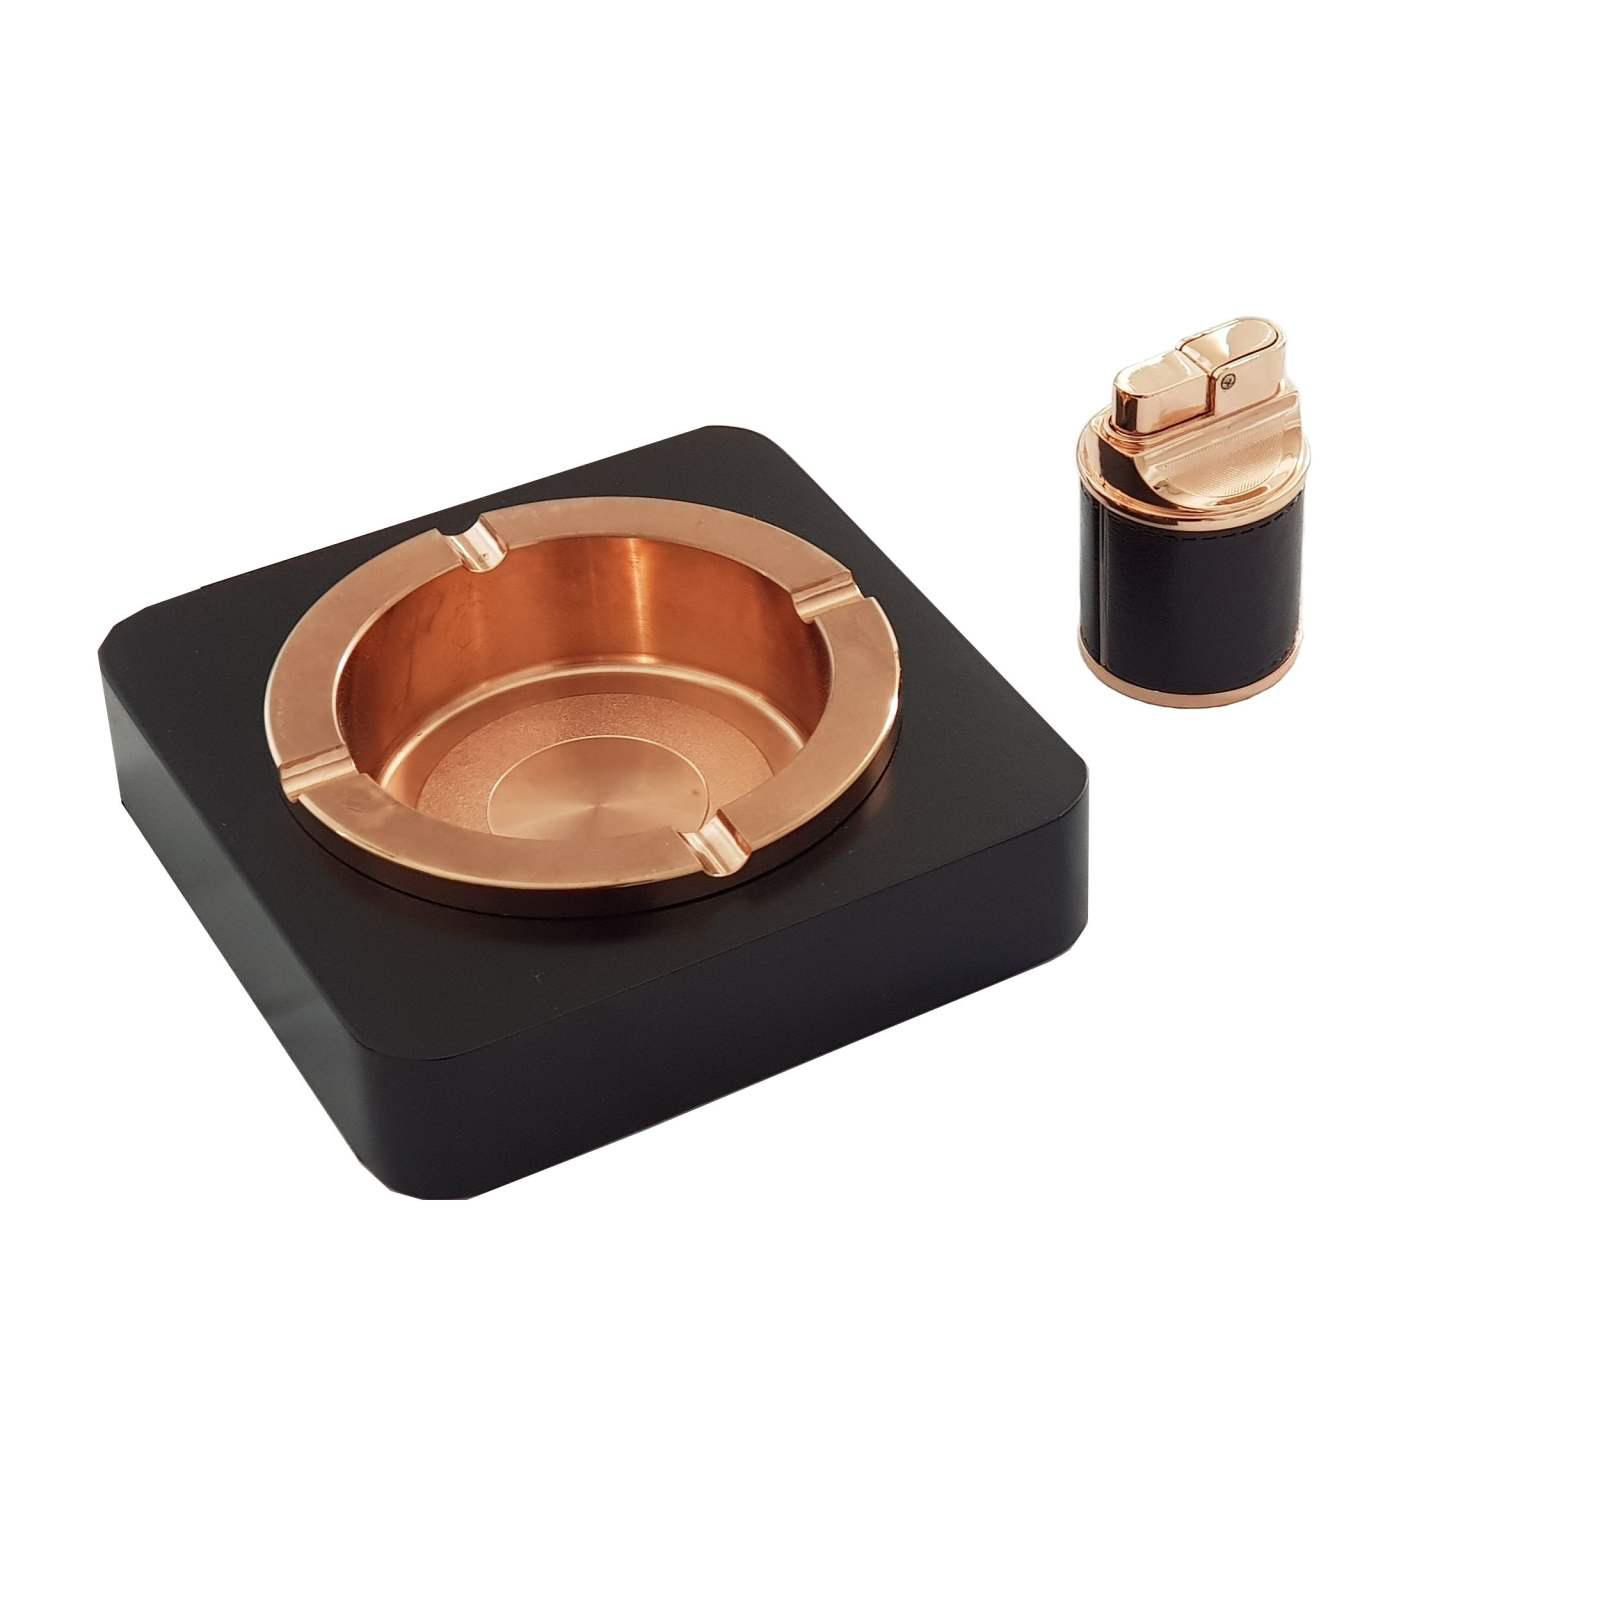 ست هدیه فندک و زیرسیگاری بورویی مدل  SN-25460